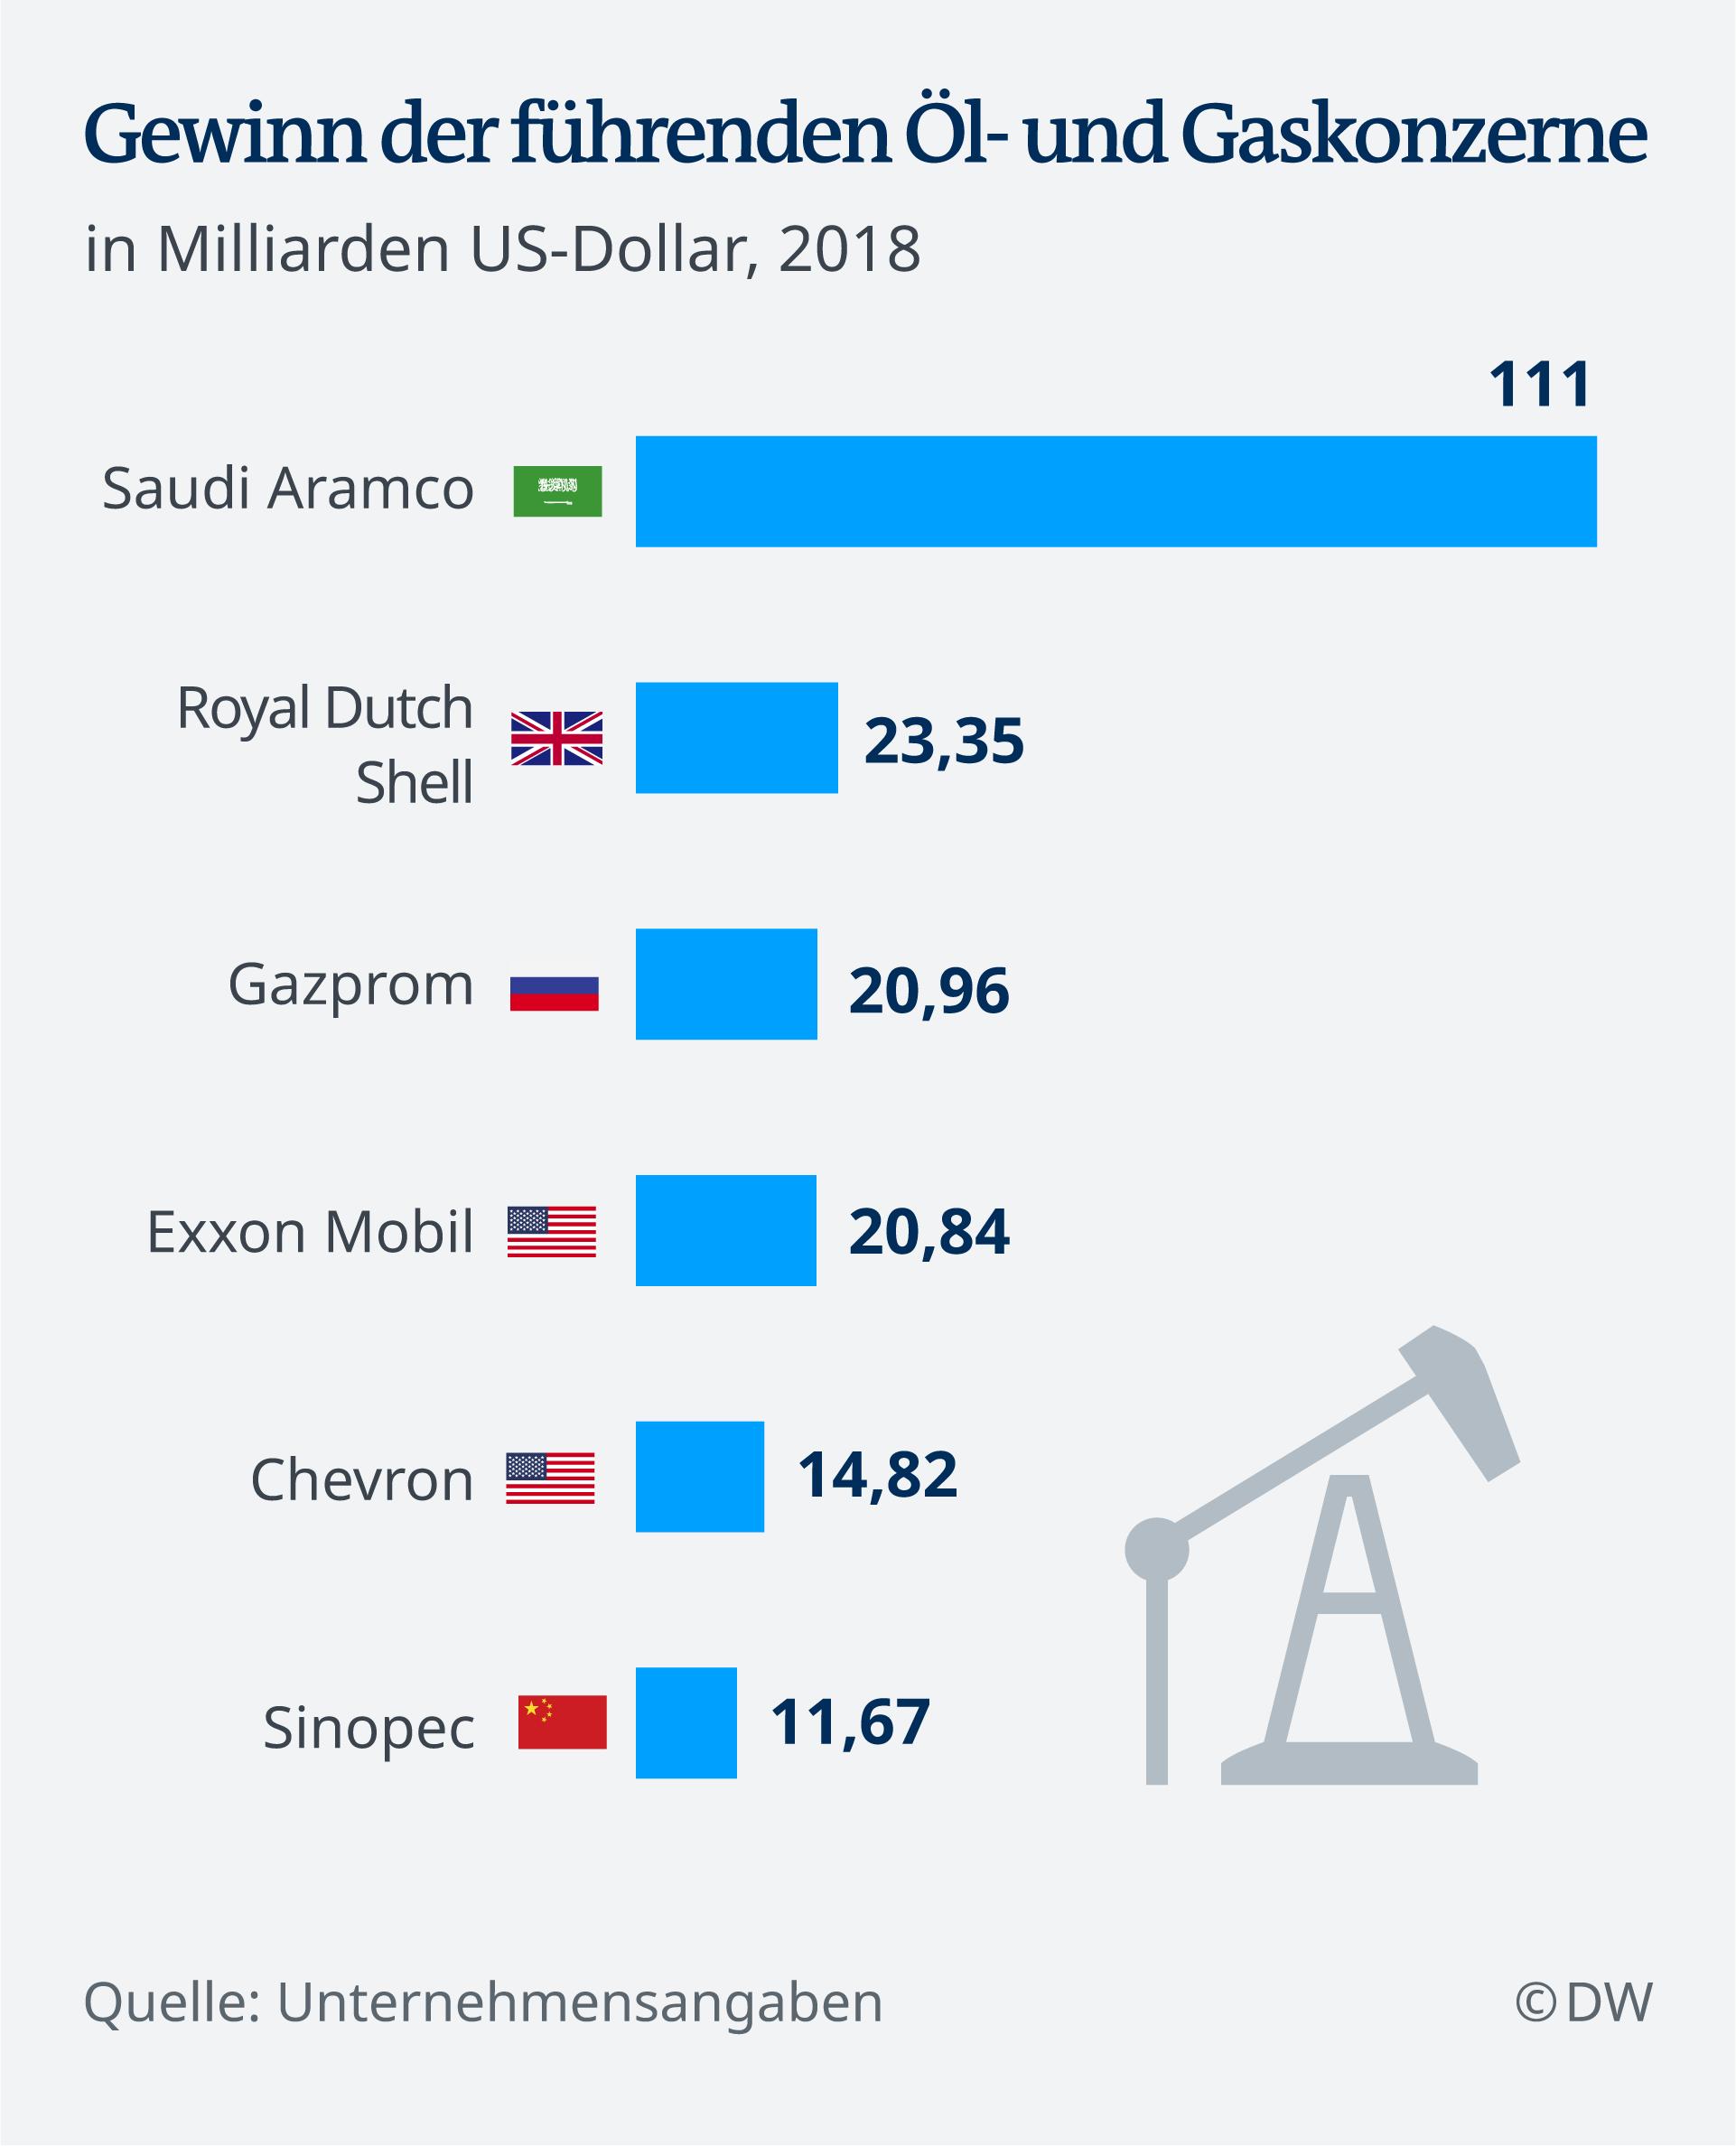 Dobit vodećih energetskih koncerna u milijardama američkih dolara u 2018. godini